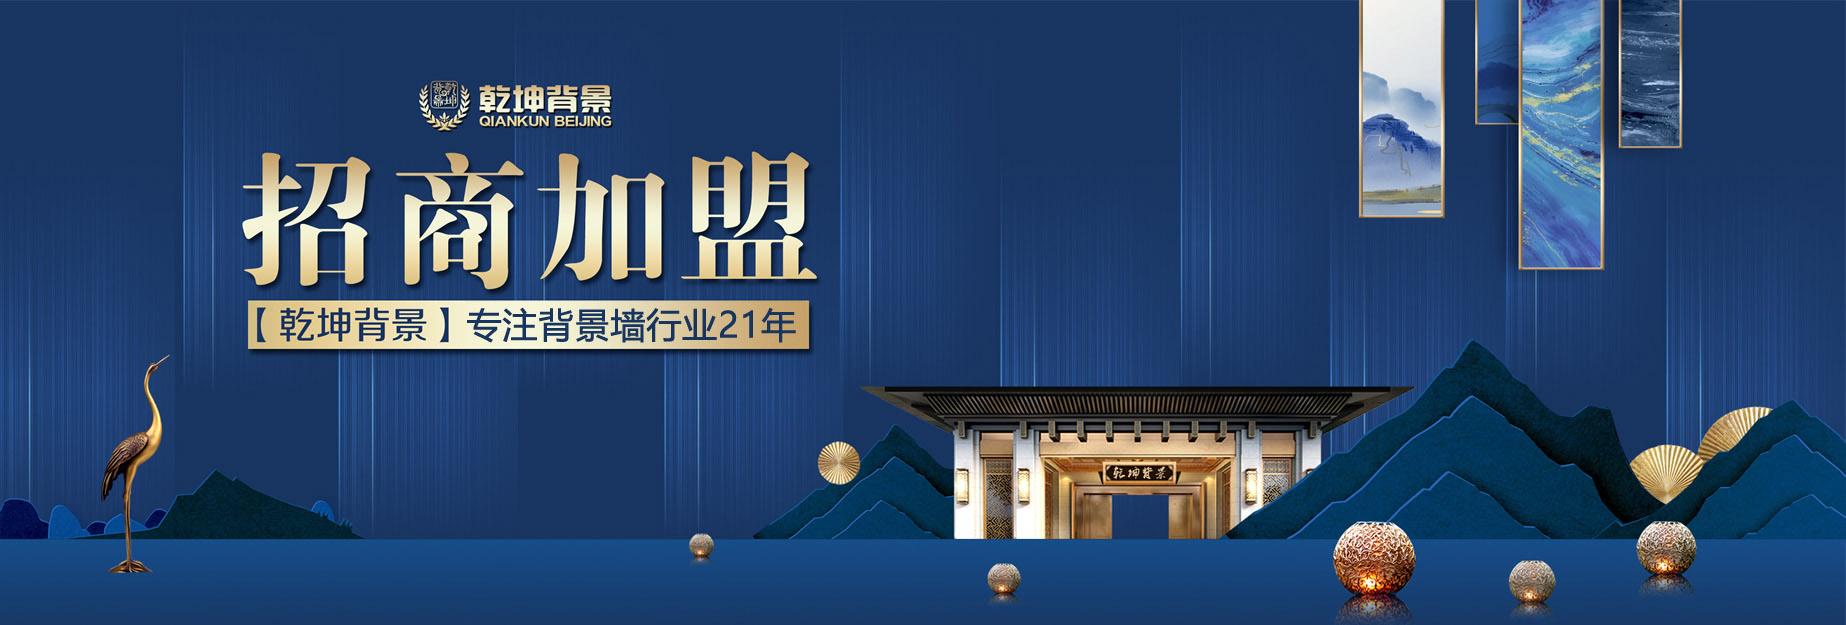 乾坤背景-电视k8凯发真人娱乐风水学专利品牌